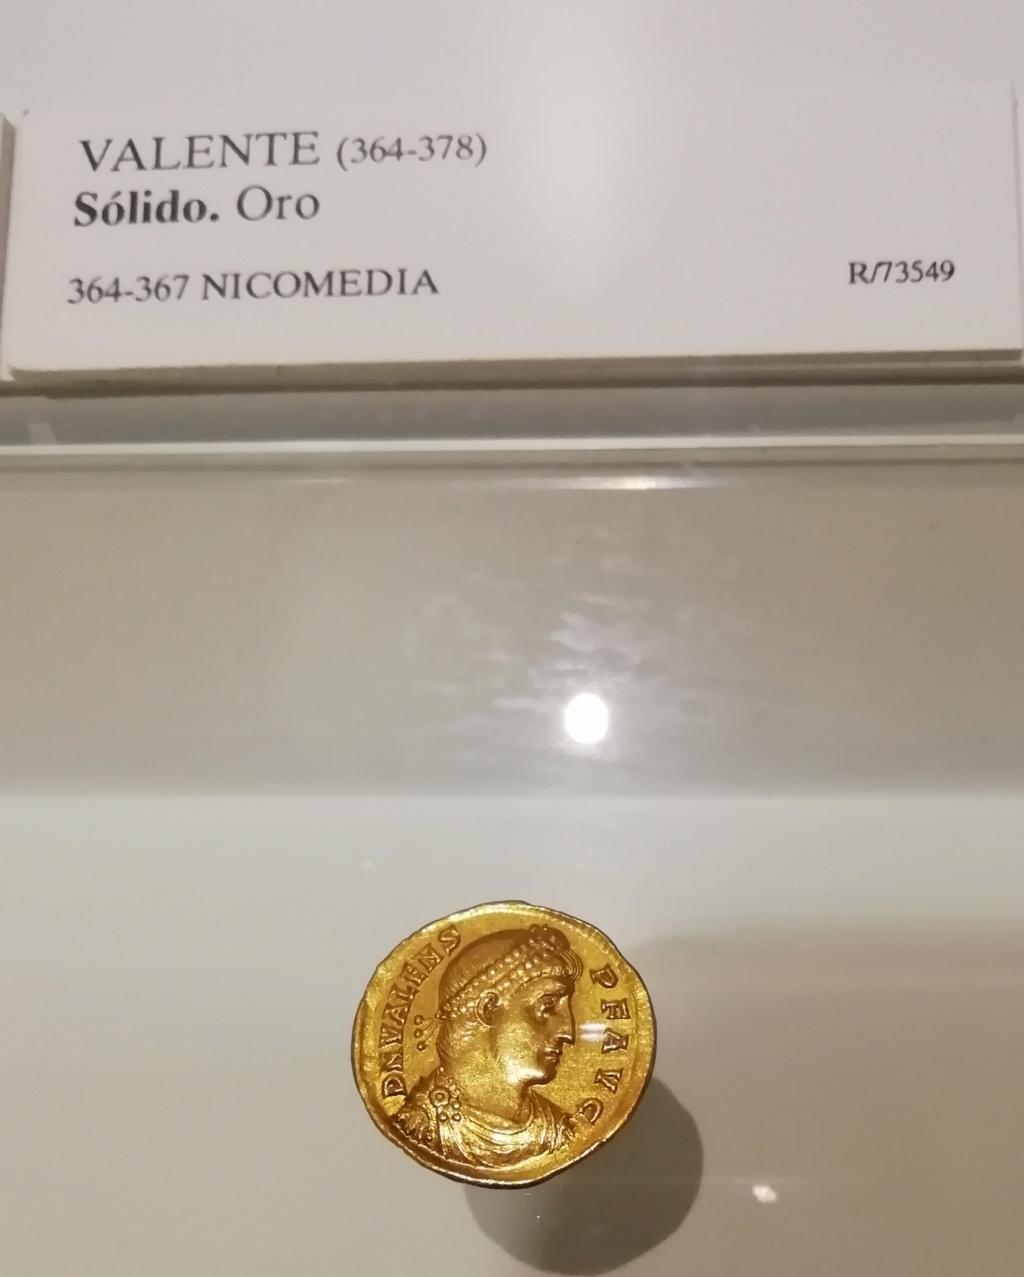 I Quedada del foro/Simposio Numismático (Madrid, 29 junio). - Página 6 Img_2053